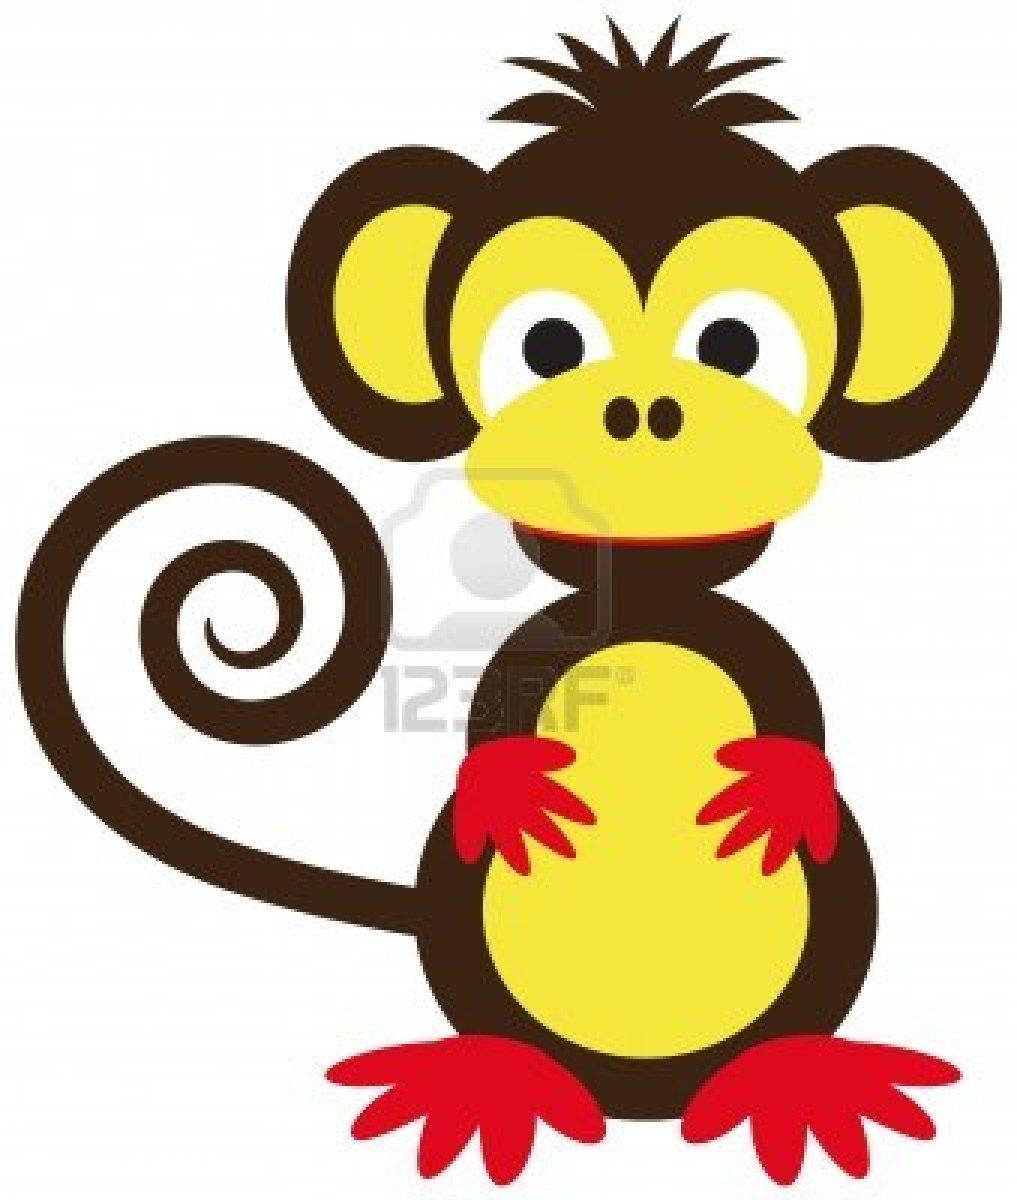 Dessins en couleurs imprimer singe num ro 108771 - Animaux a imprimer en couleur ...